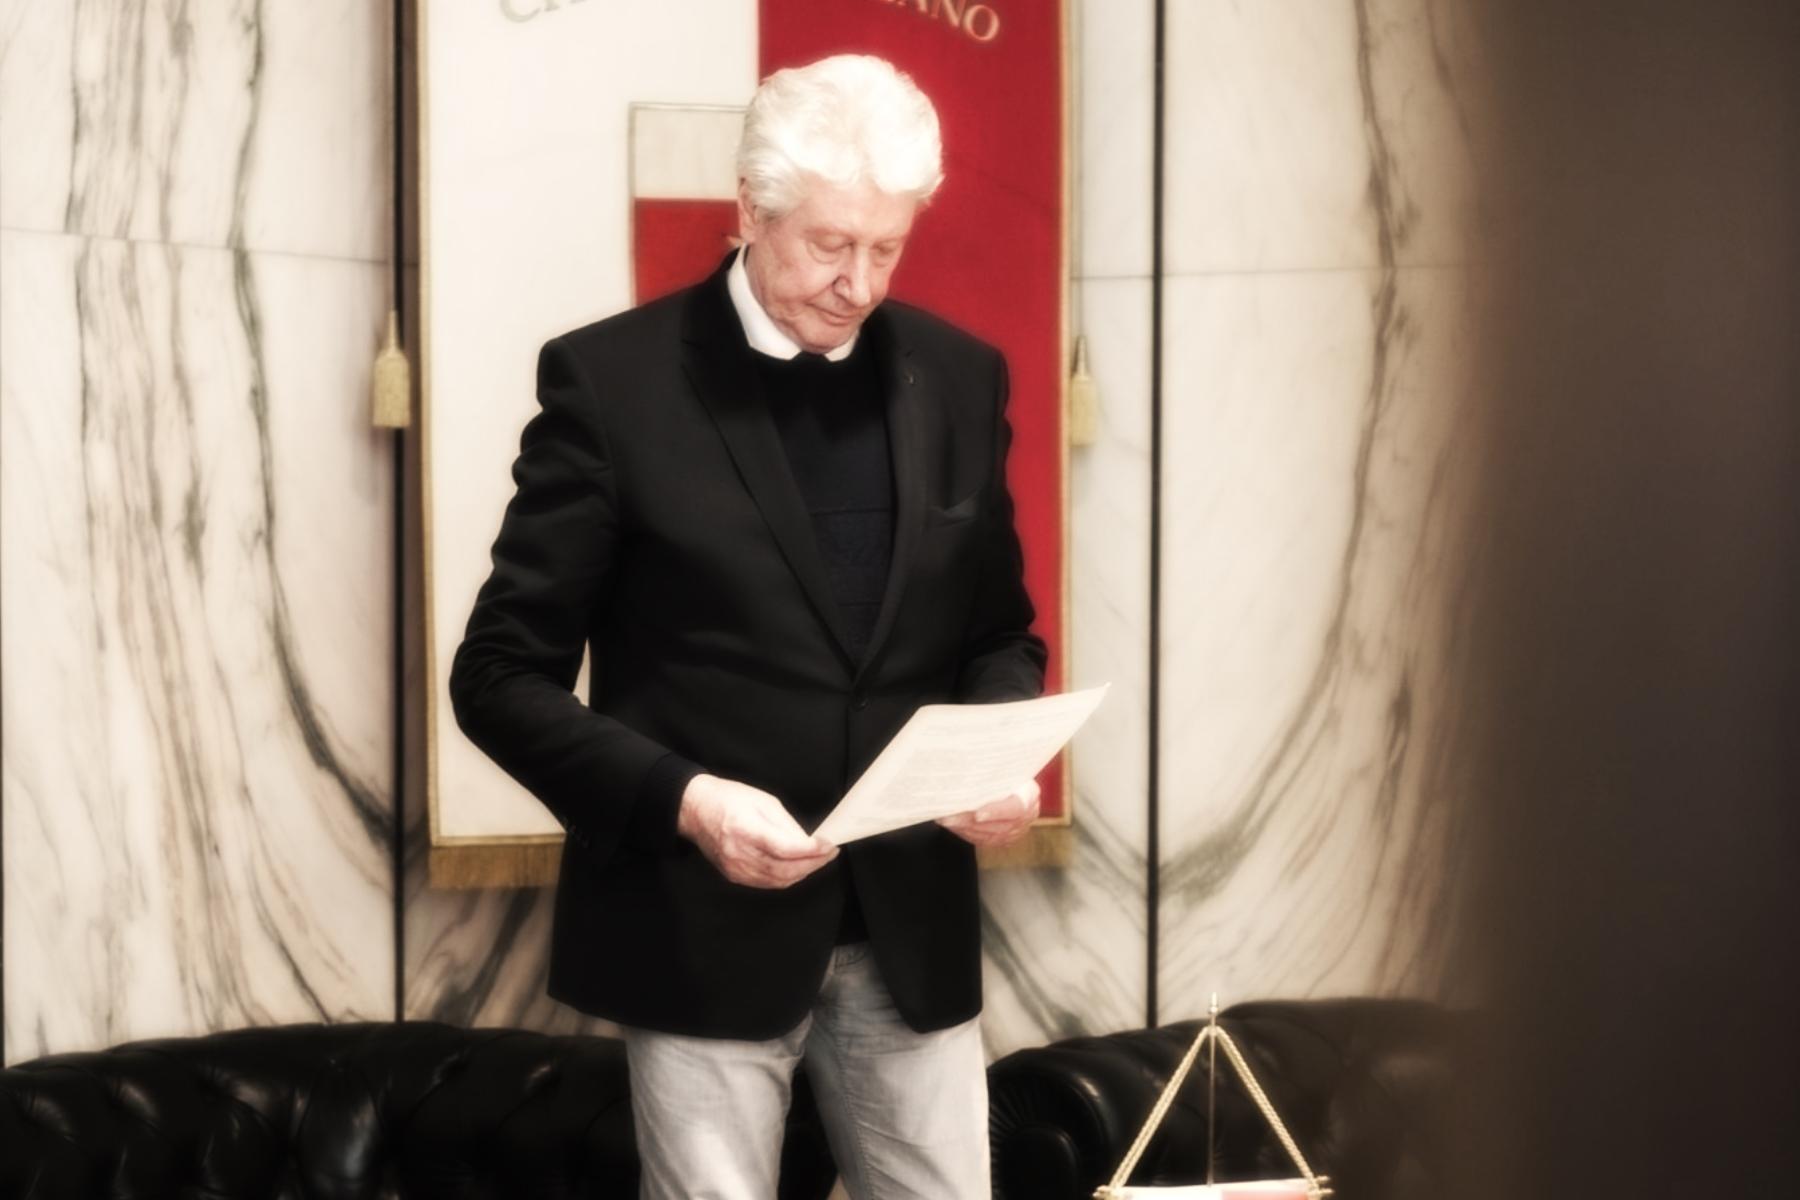 Bozens Bürgermeister verweigert Auskünfte